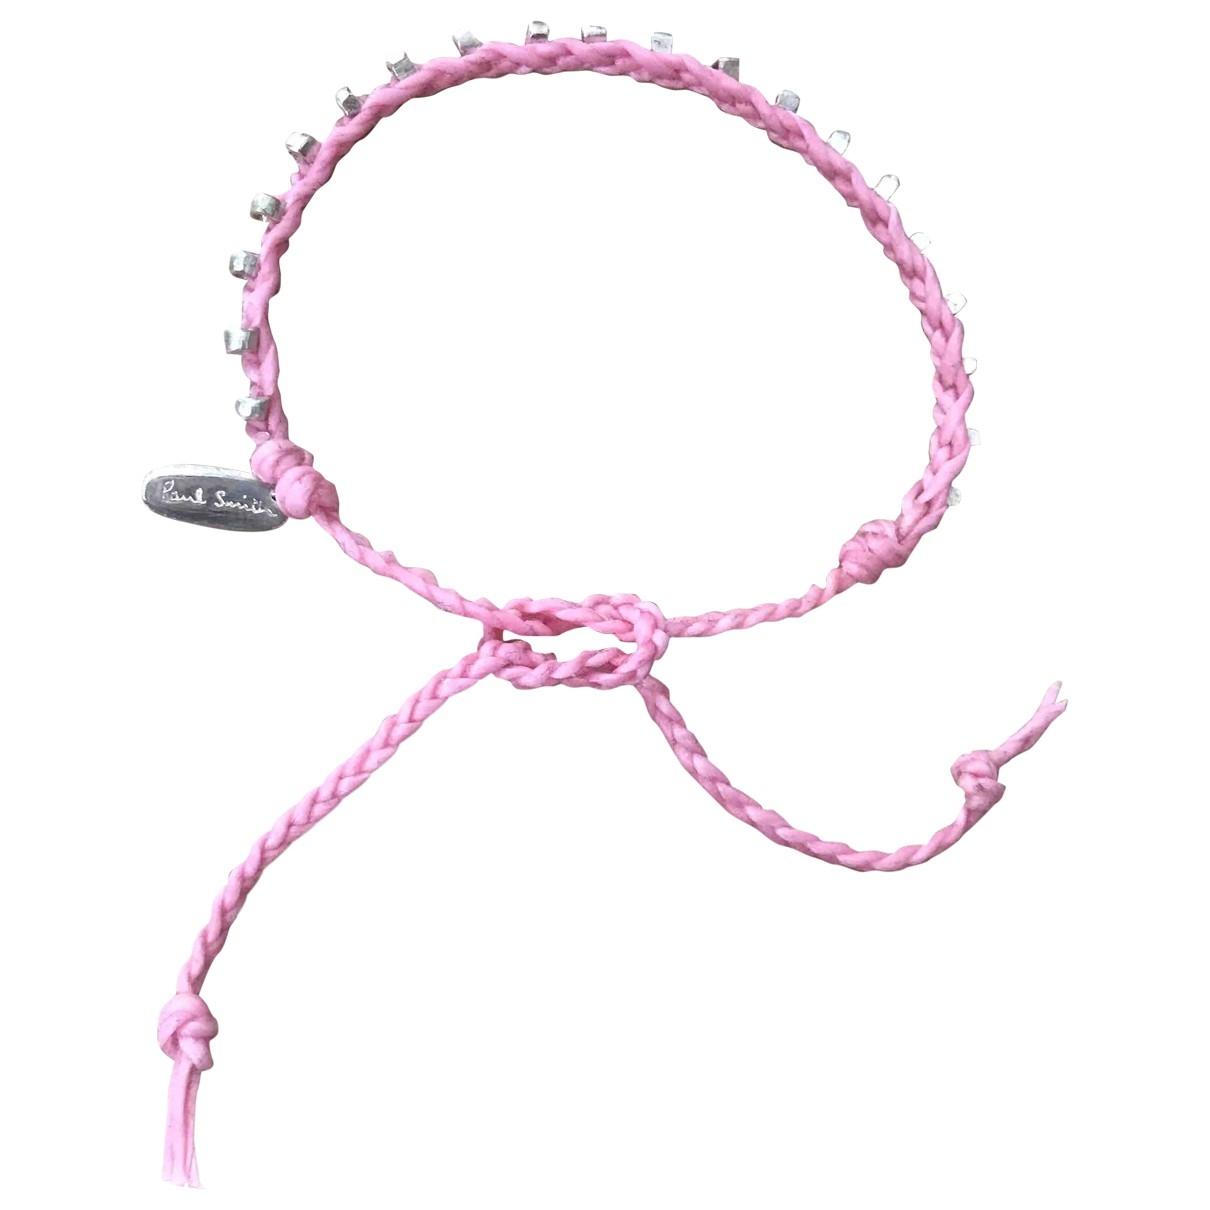 Paul Smith - Bracelet   pour femme en toile - rose